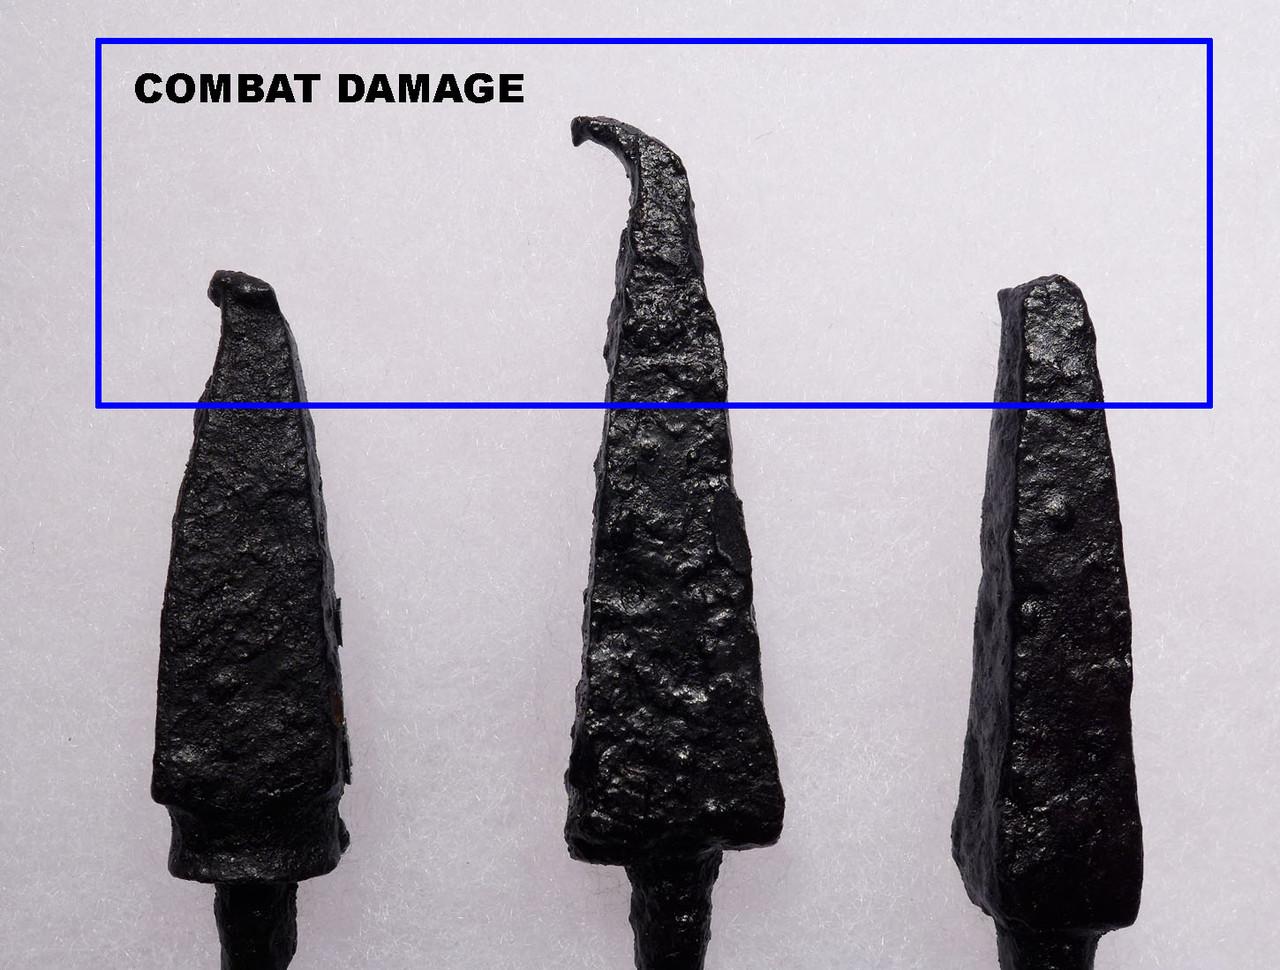 BATTLE DAMAGE ANCIENT ROMAN ARROWHEADS